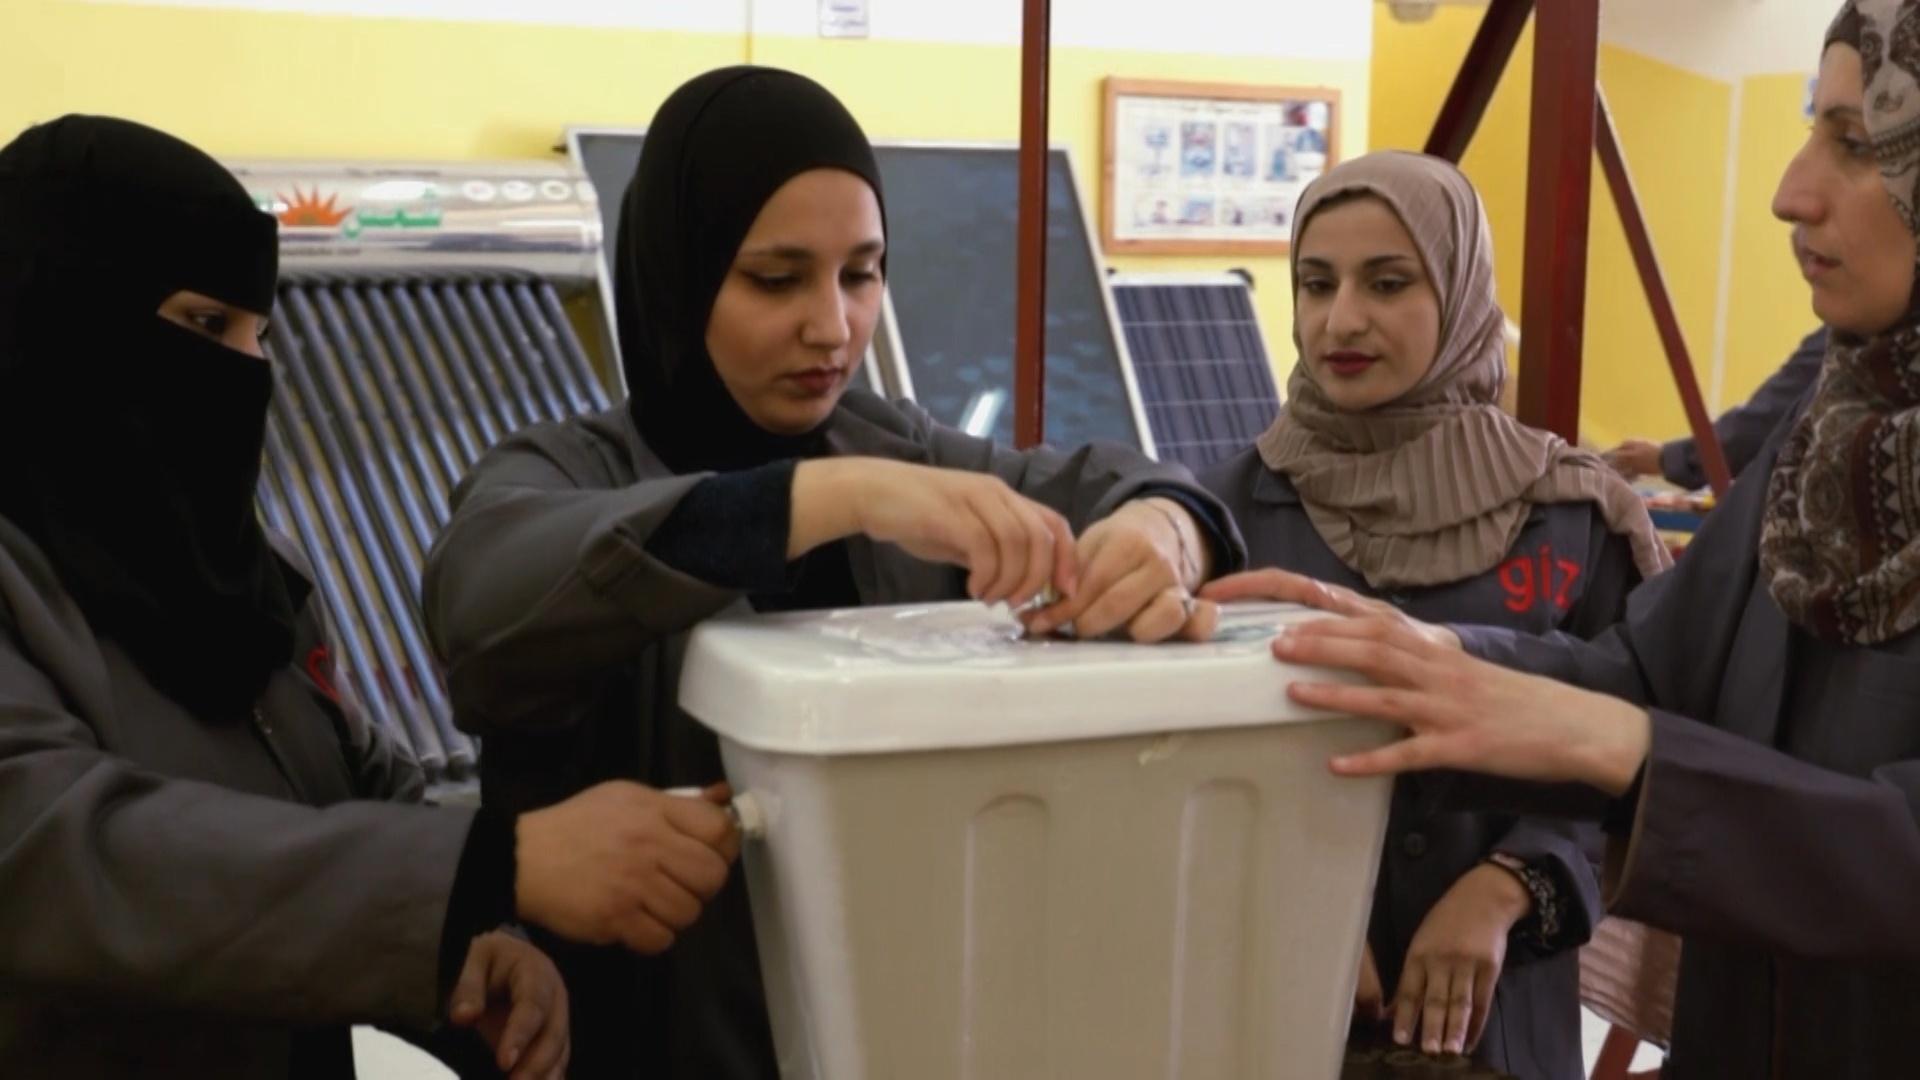 To Save Water, Women in Jordan Learn to Plumb Hero